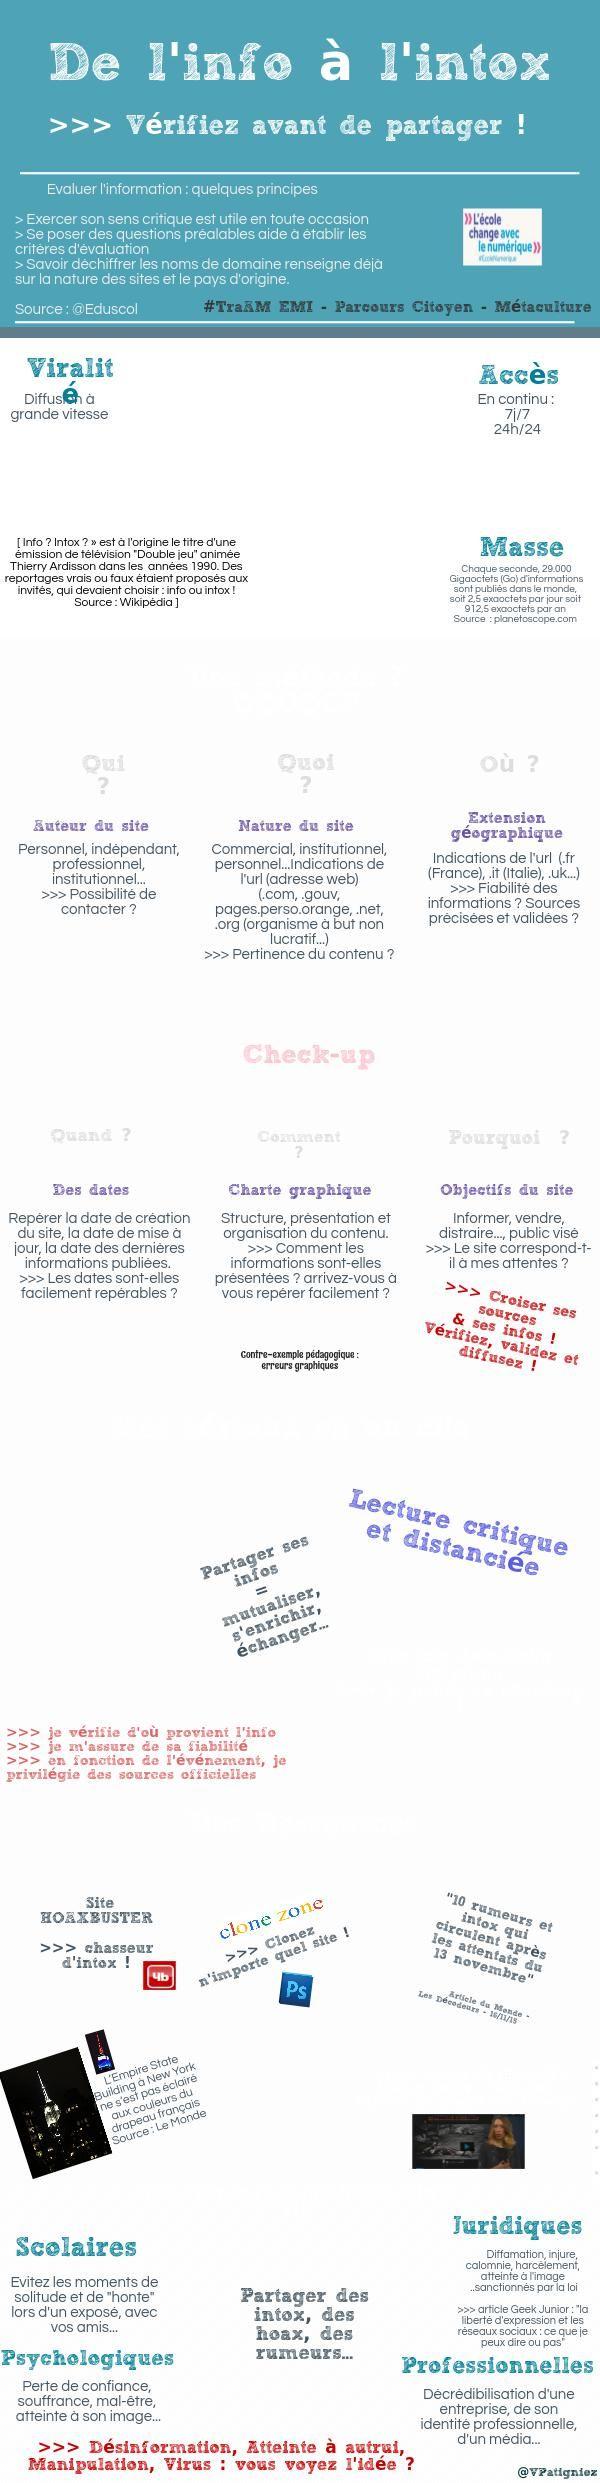 Psychology-Infographic-De-l39info-à-l39intox-Piktochart-Infographic-Editor Psychology Infographic : De l'info à l'intox | Piktochart Infographic Editor